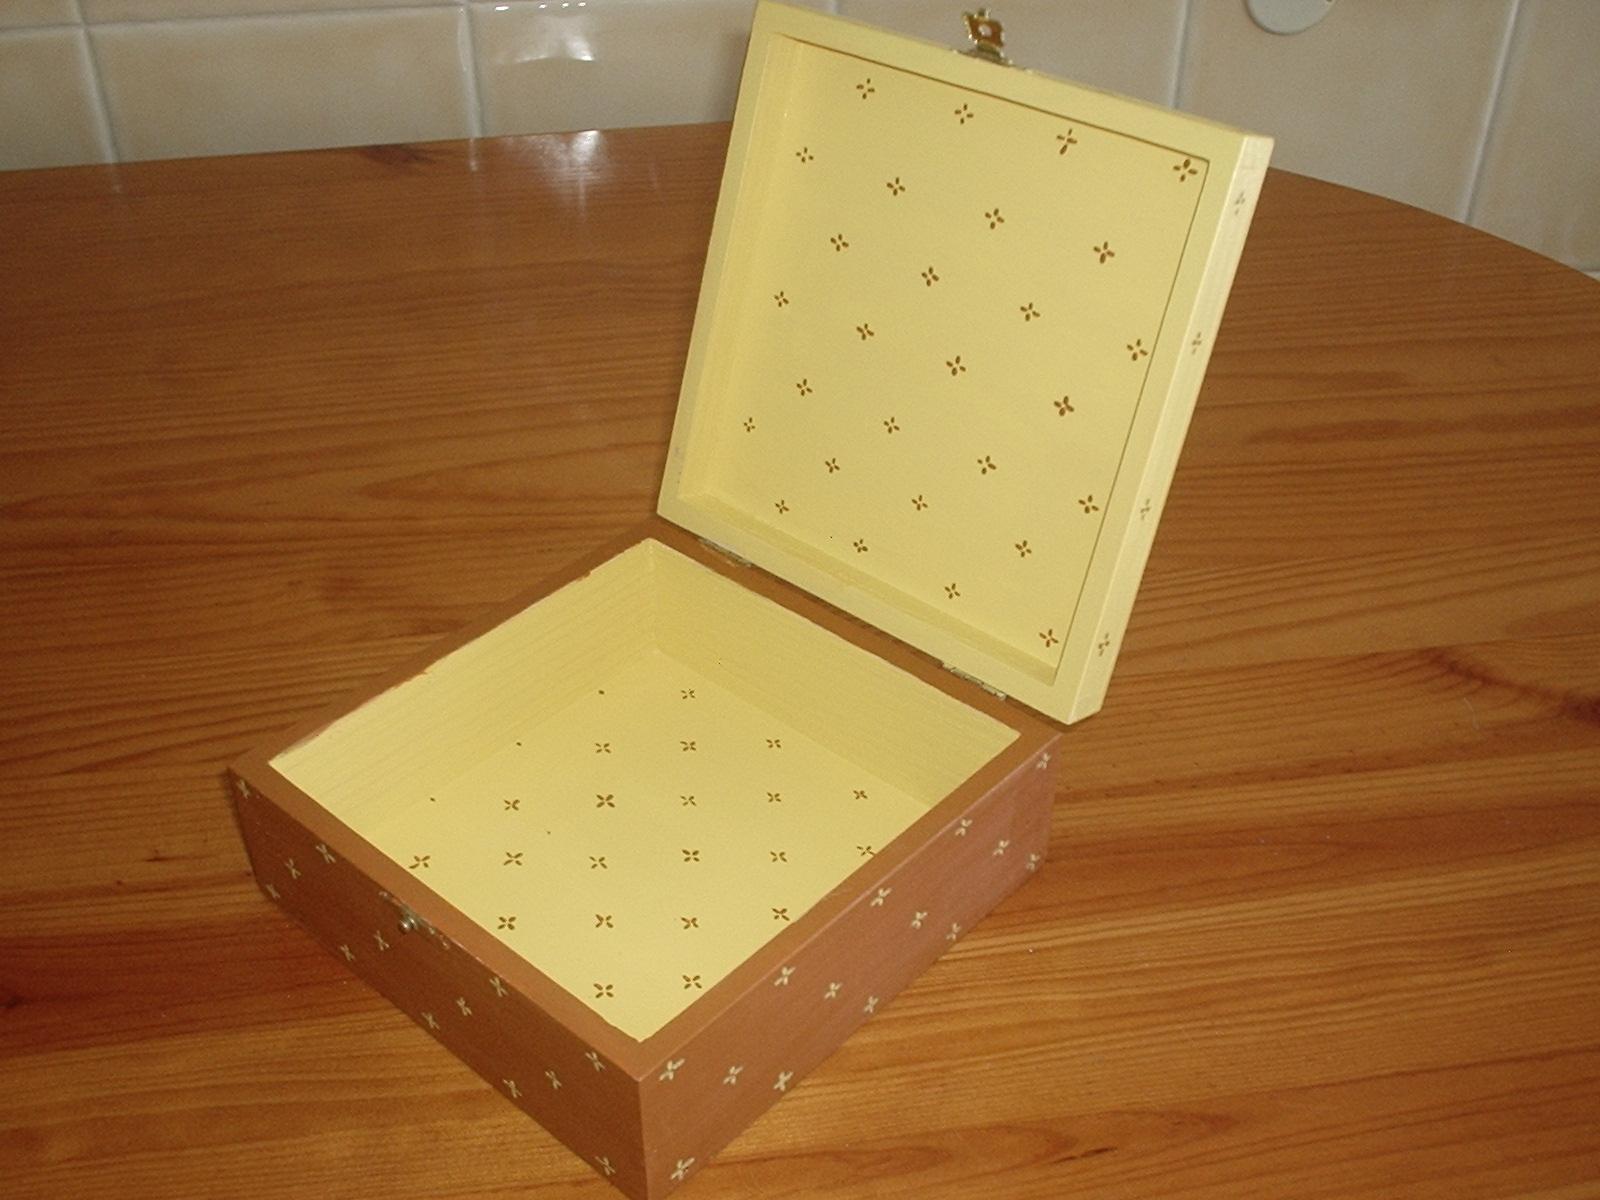 Bijuteria: Caixa de madeira pintada com aplicação de flor #4E190B 1600x1200